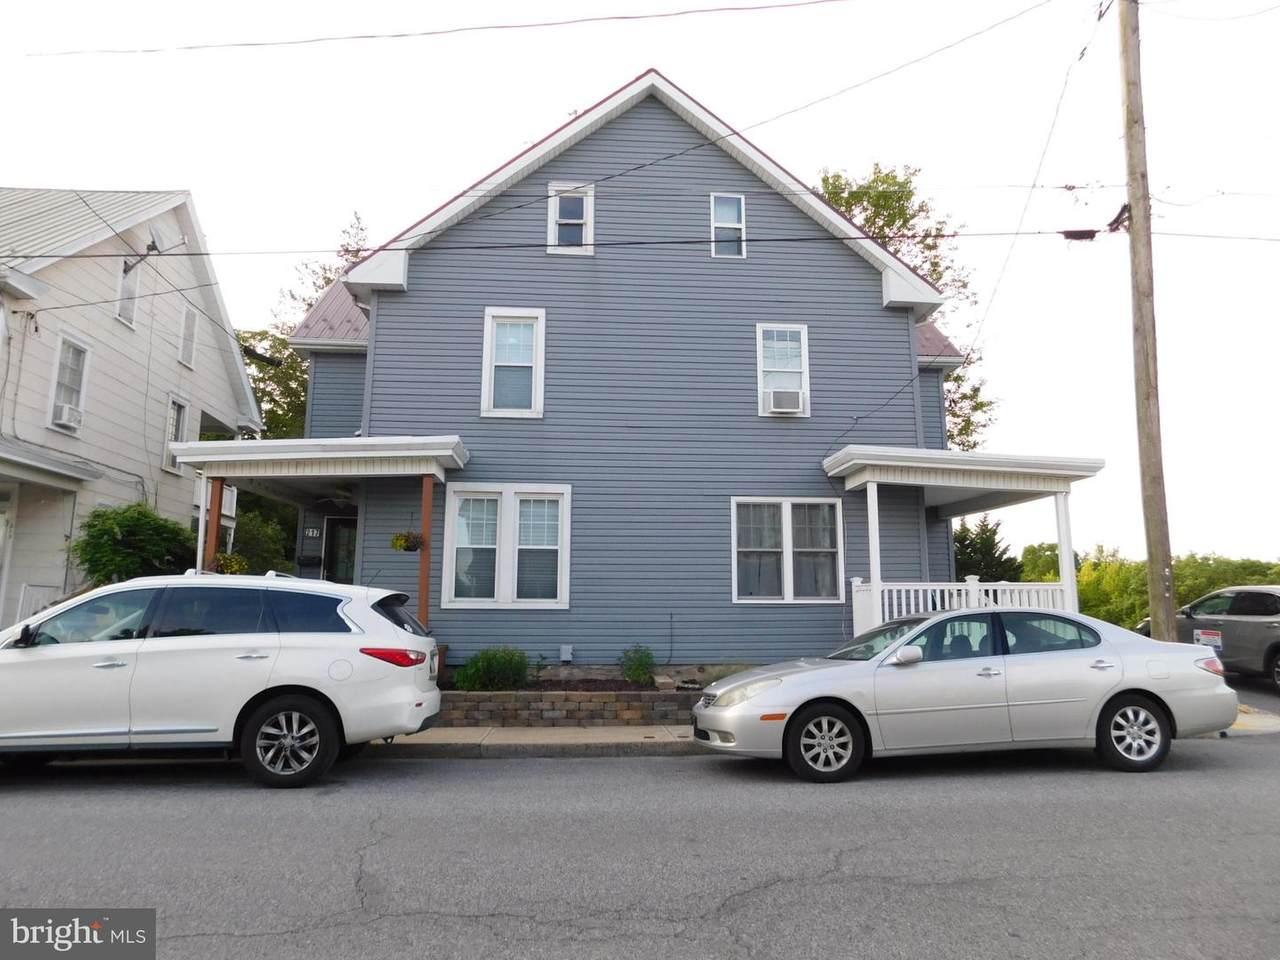 217-219 Walnut Street - Photo 1